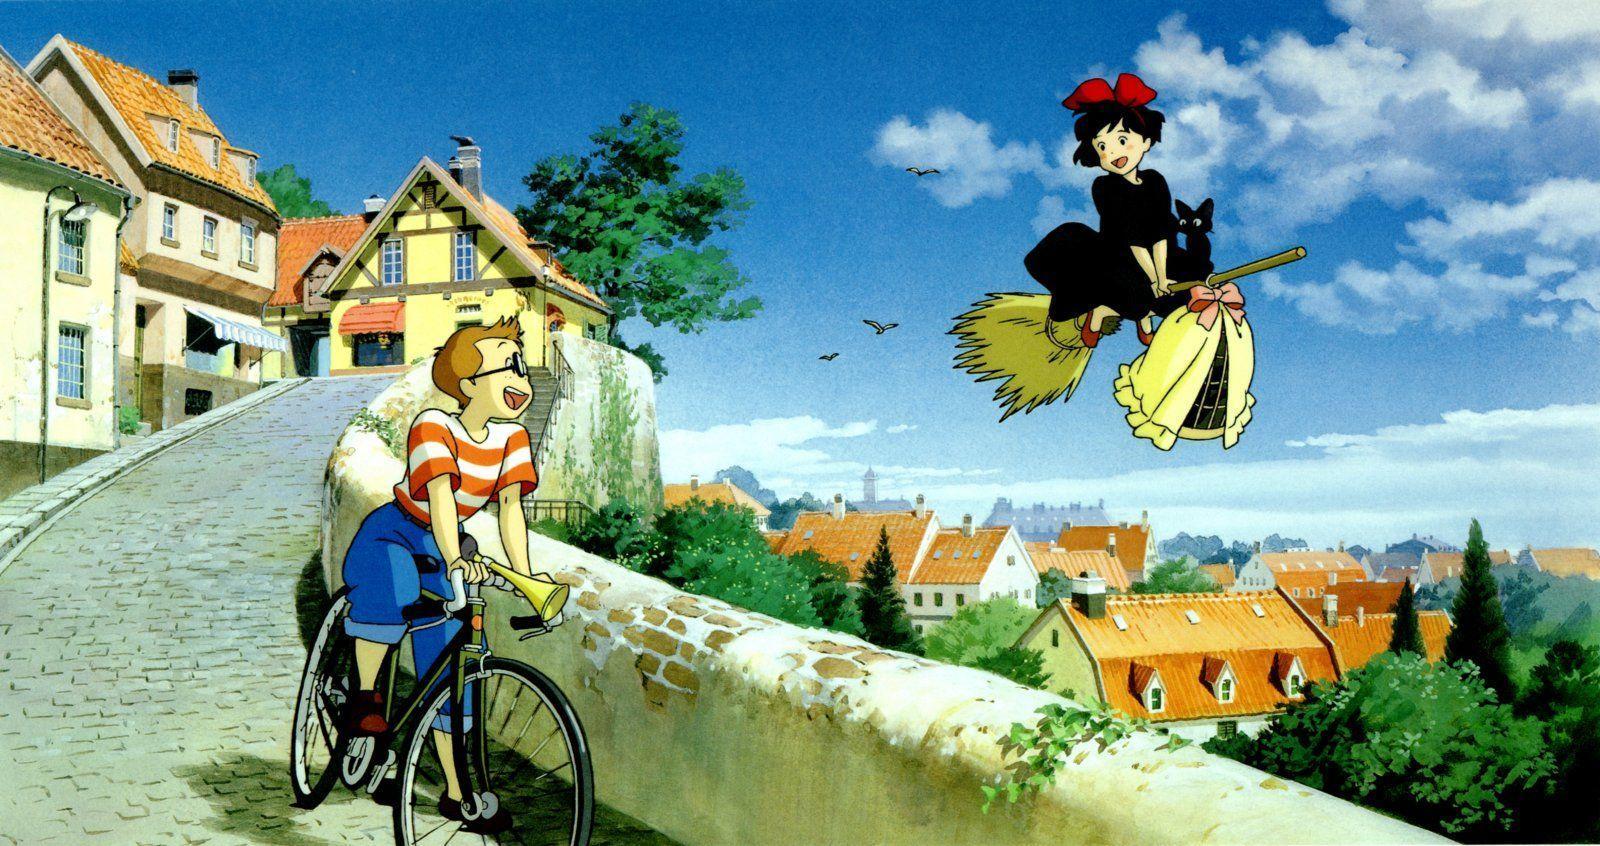 1600x846 Hình nền máy tính để bàn Studio Ghibli 1920 X 1080 375 Kb Jpeg.  phòng thu